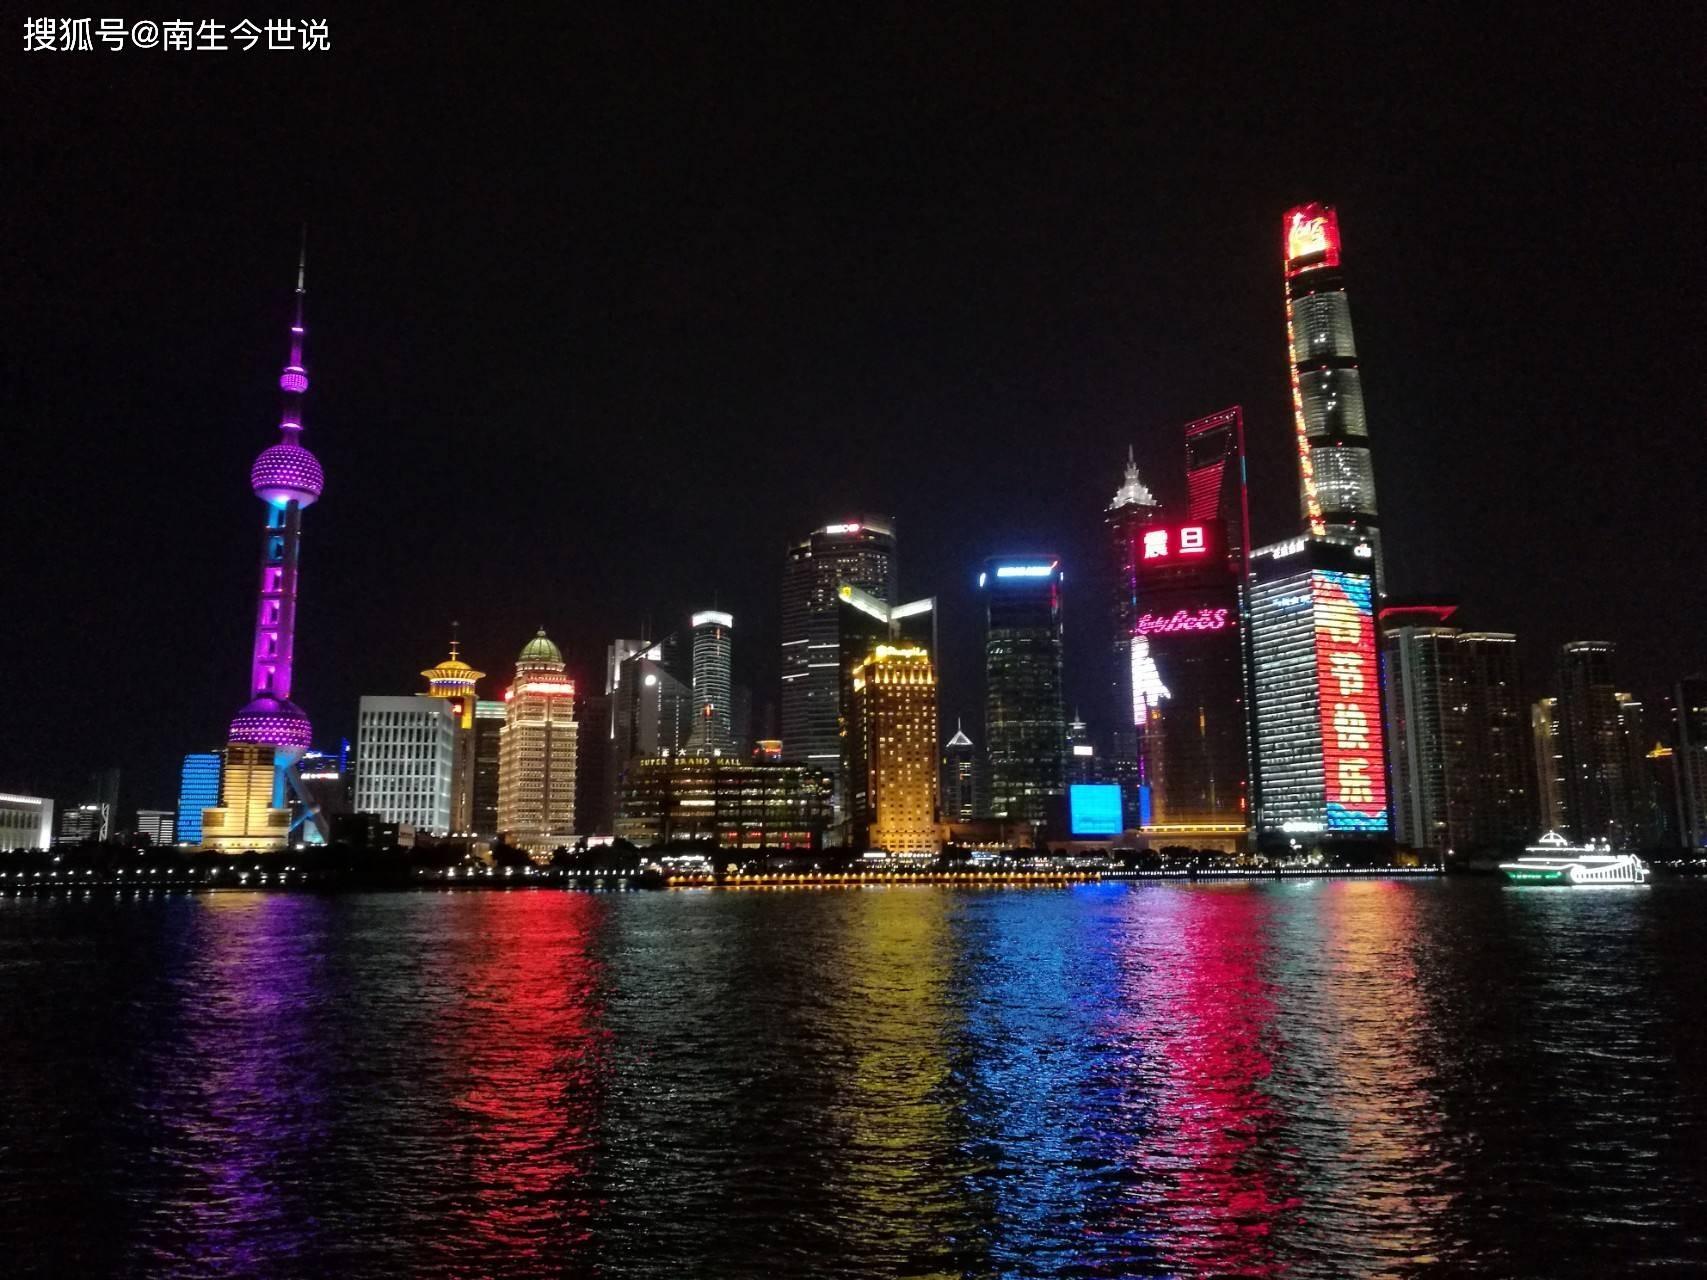 2020年深圳和广州的GDP谁高_深圳各区gdp排名2020